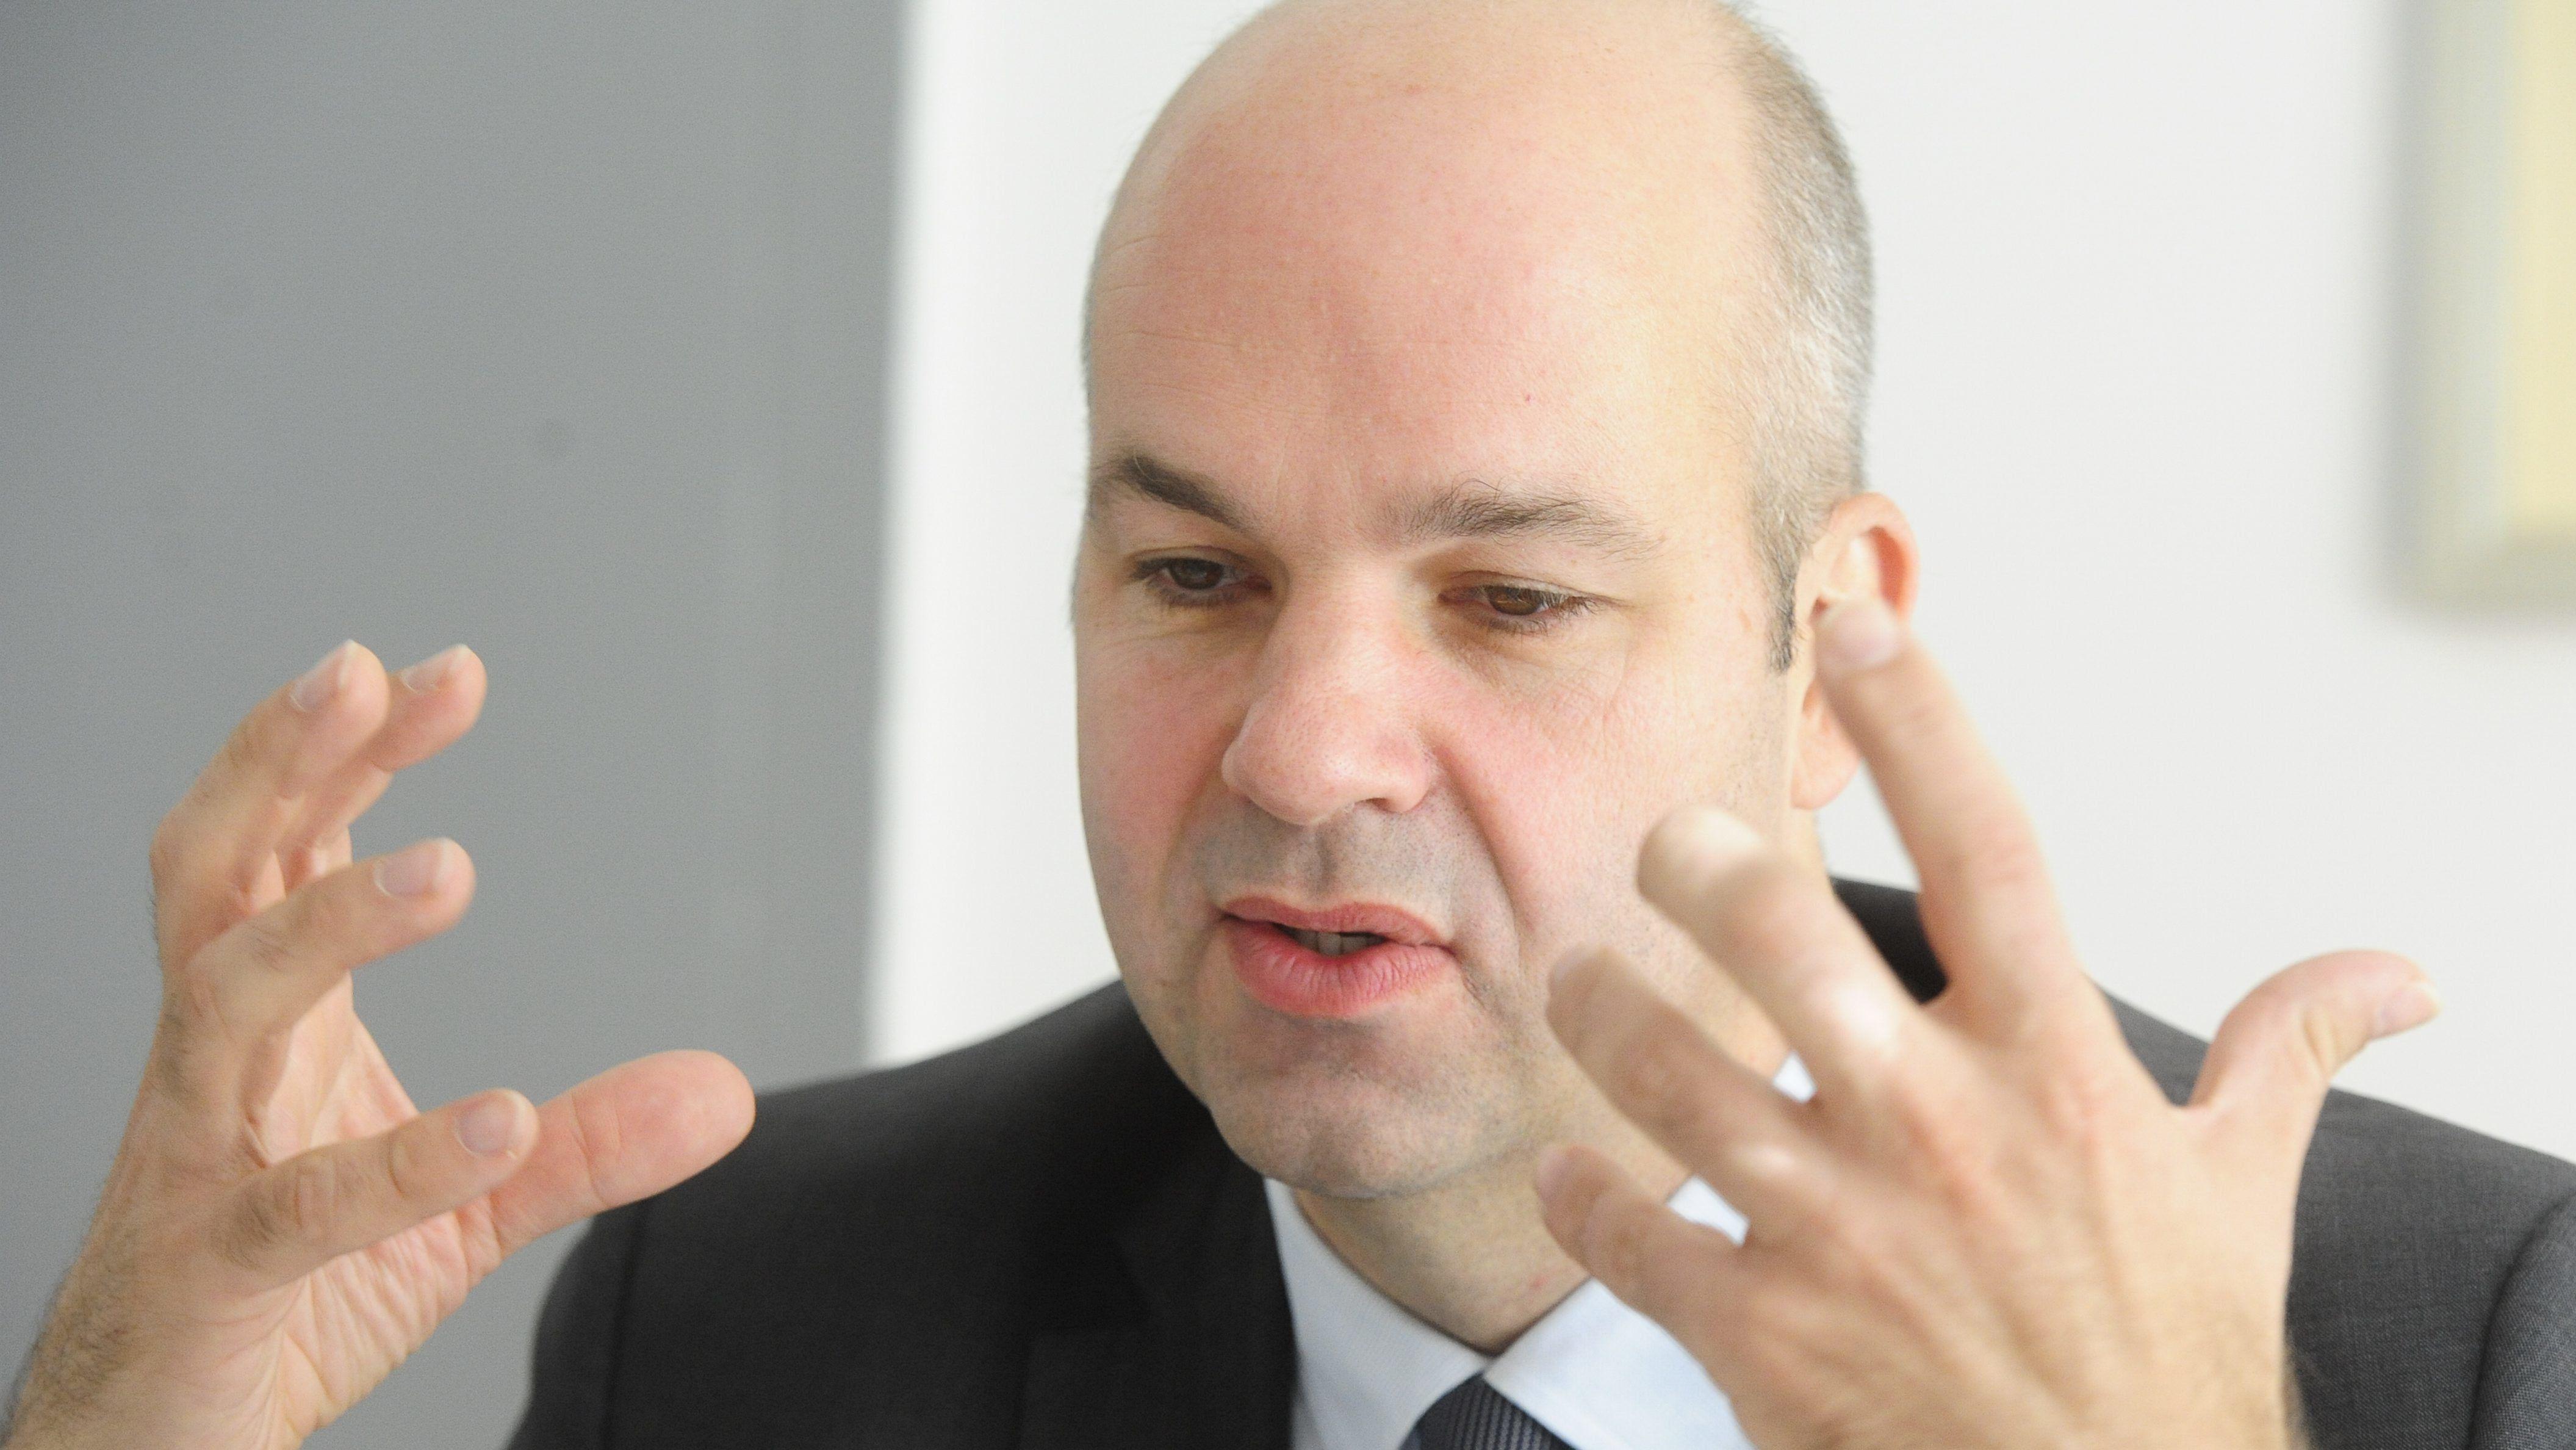 Marcel Fratzscher, Ökonom, Leiter des Deutschen Instituts für Wirtschaftsforschung und Professor für Makroökonomie an der Humboldt-Universität zu Berlin